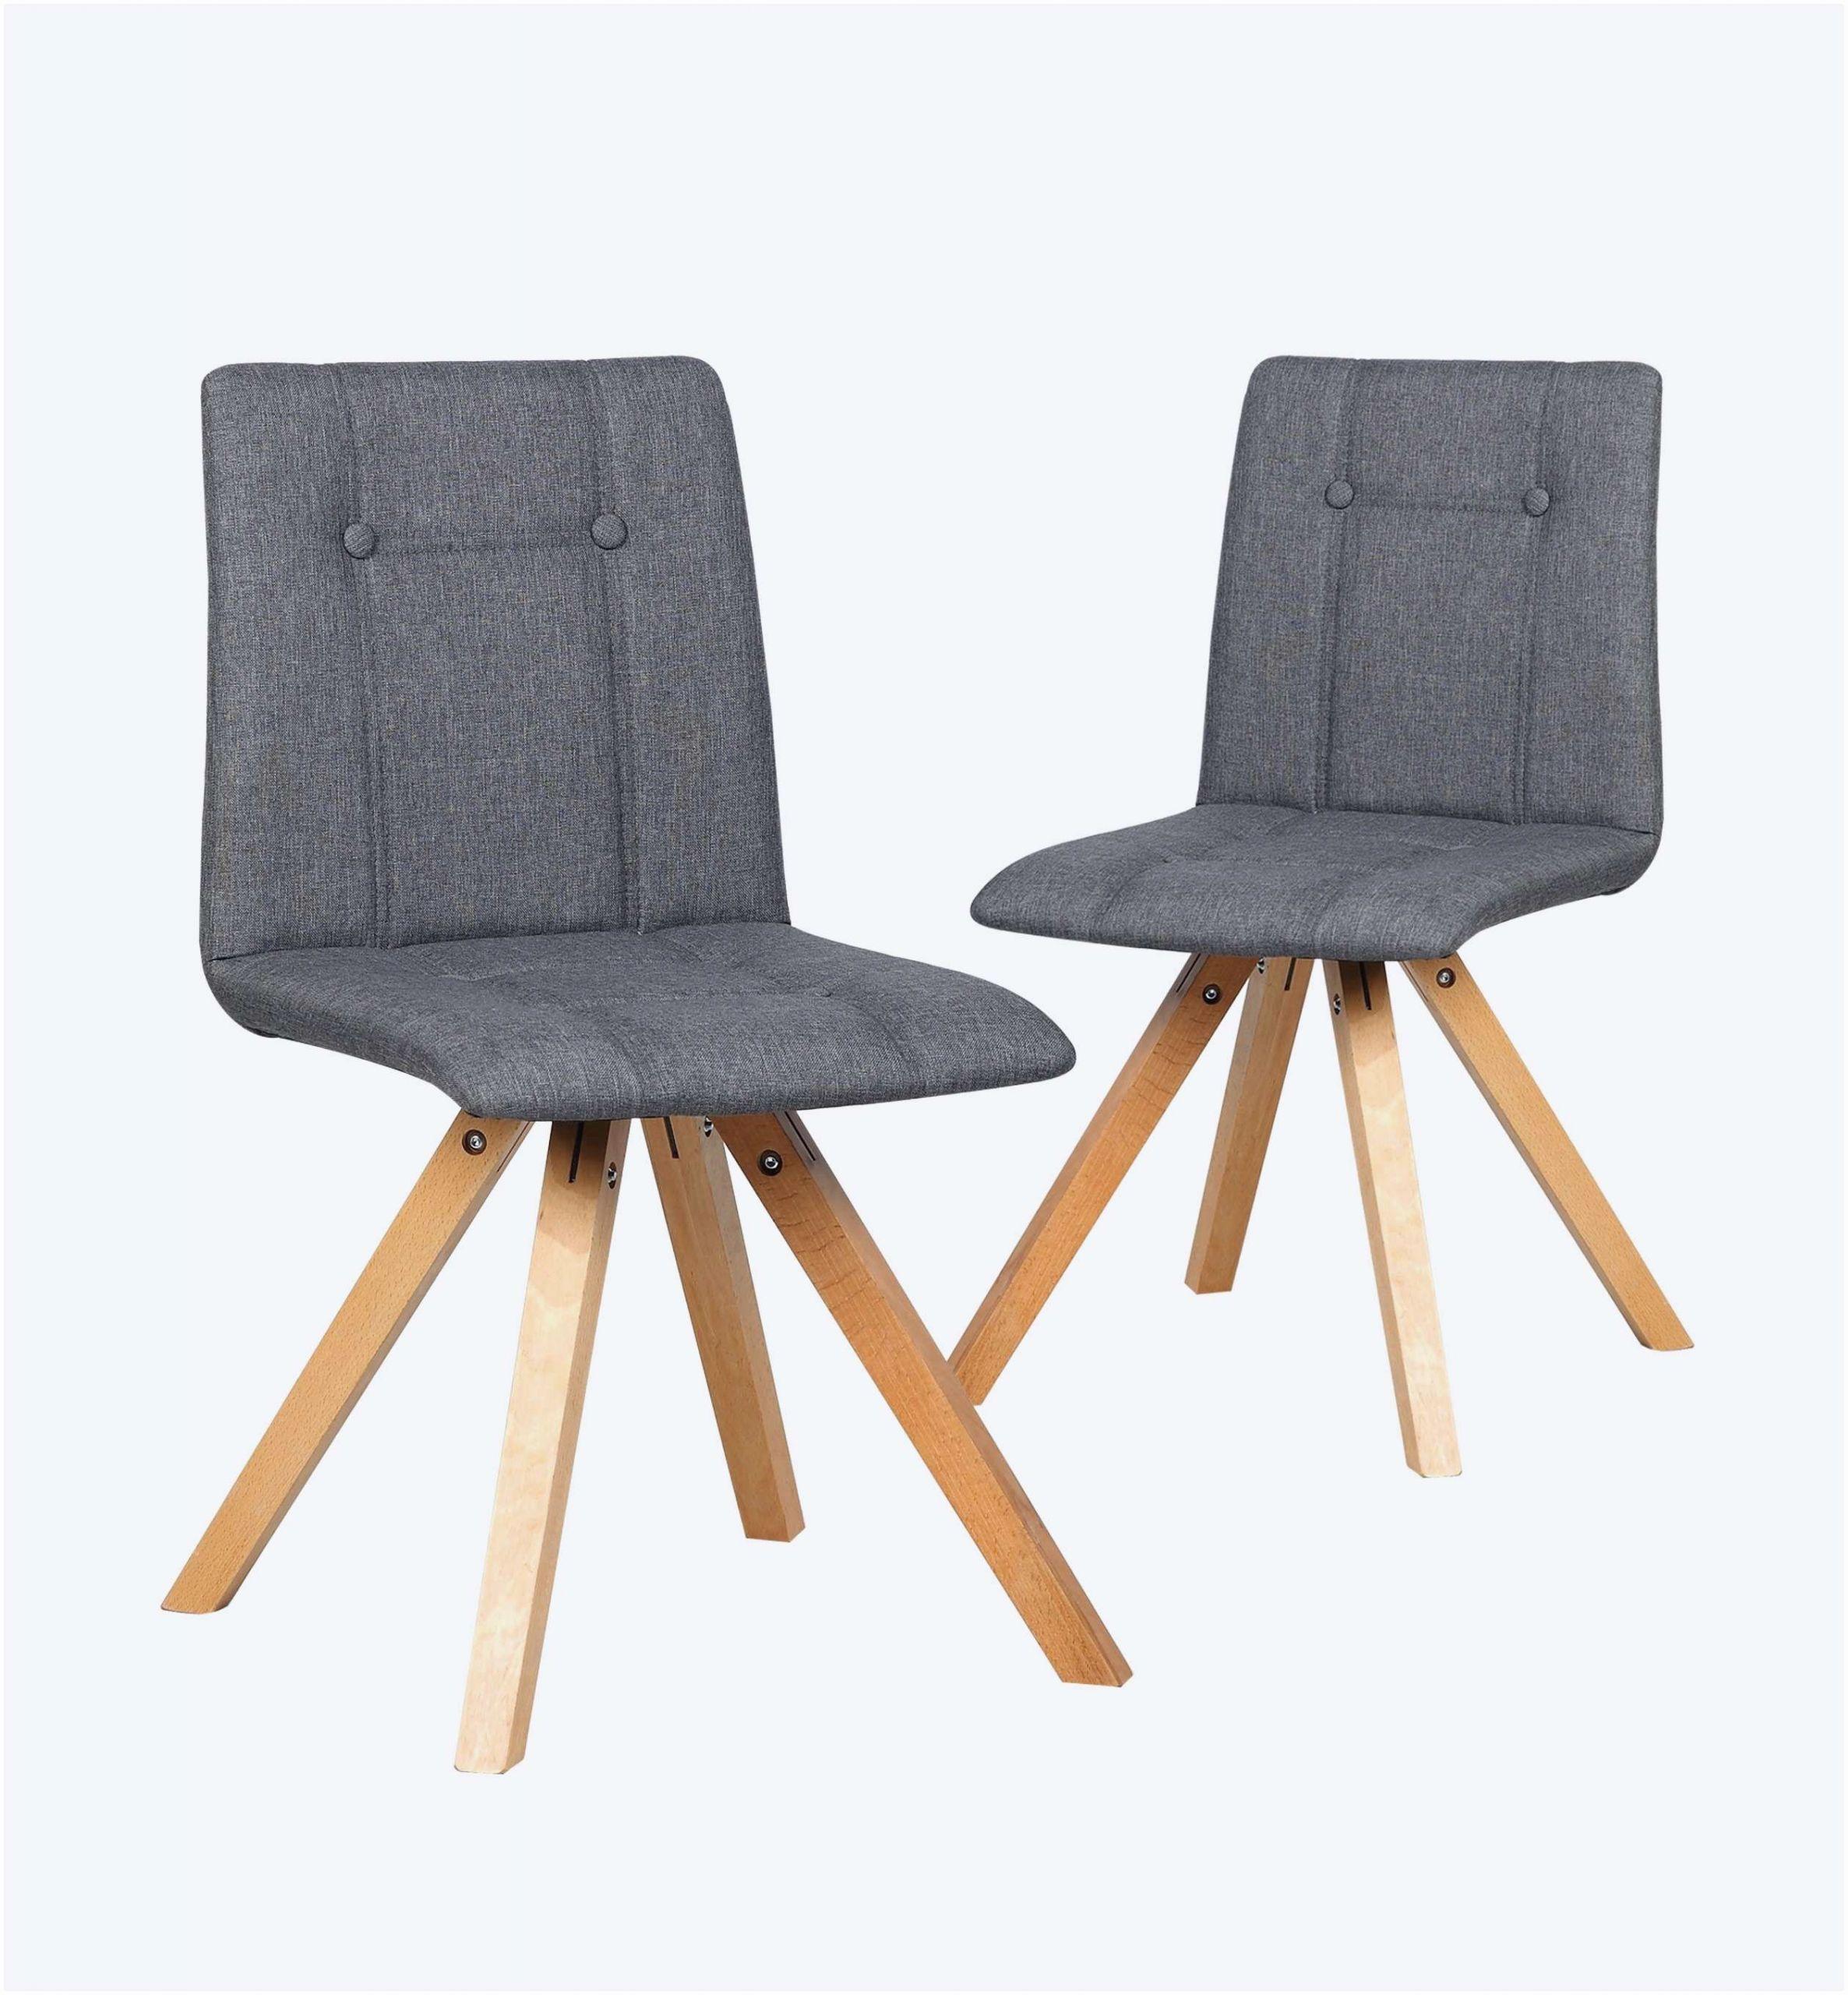 fauteuil de jardin en bois elegant 23 frais chaise en bois pas cher de fauteuil de jardin en bois